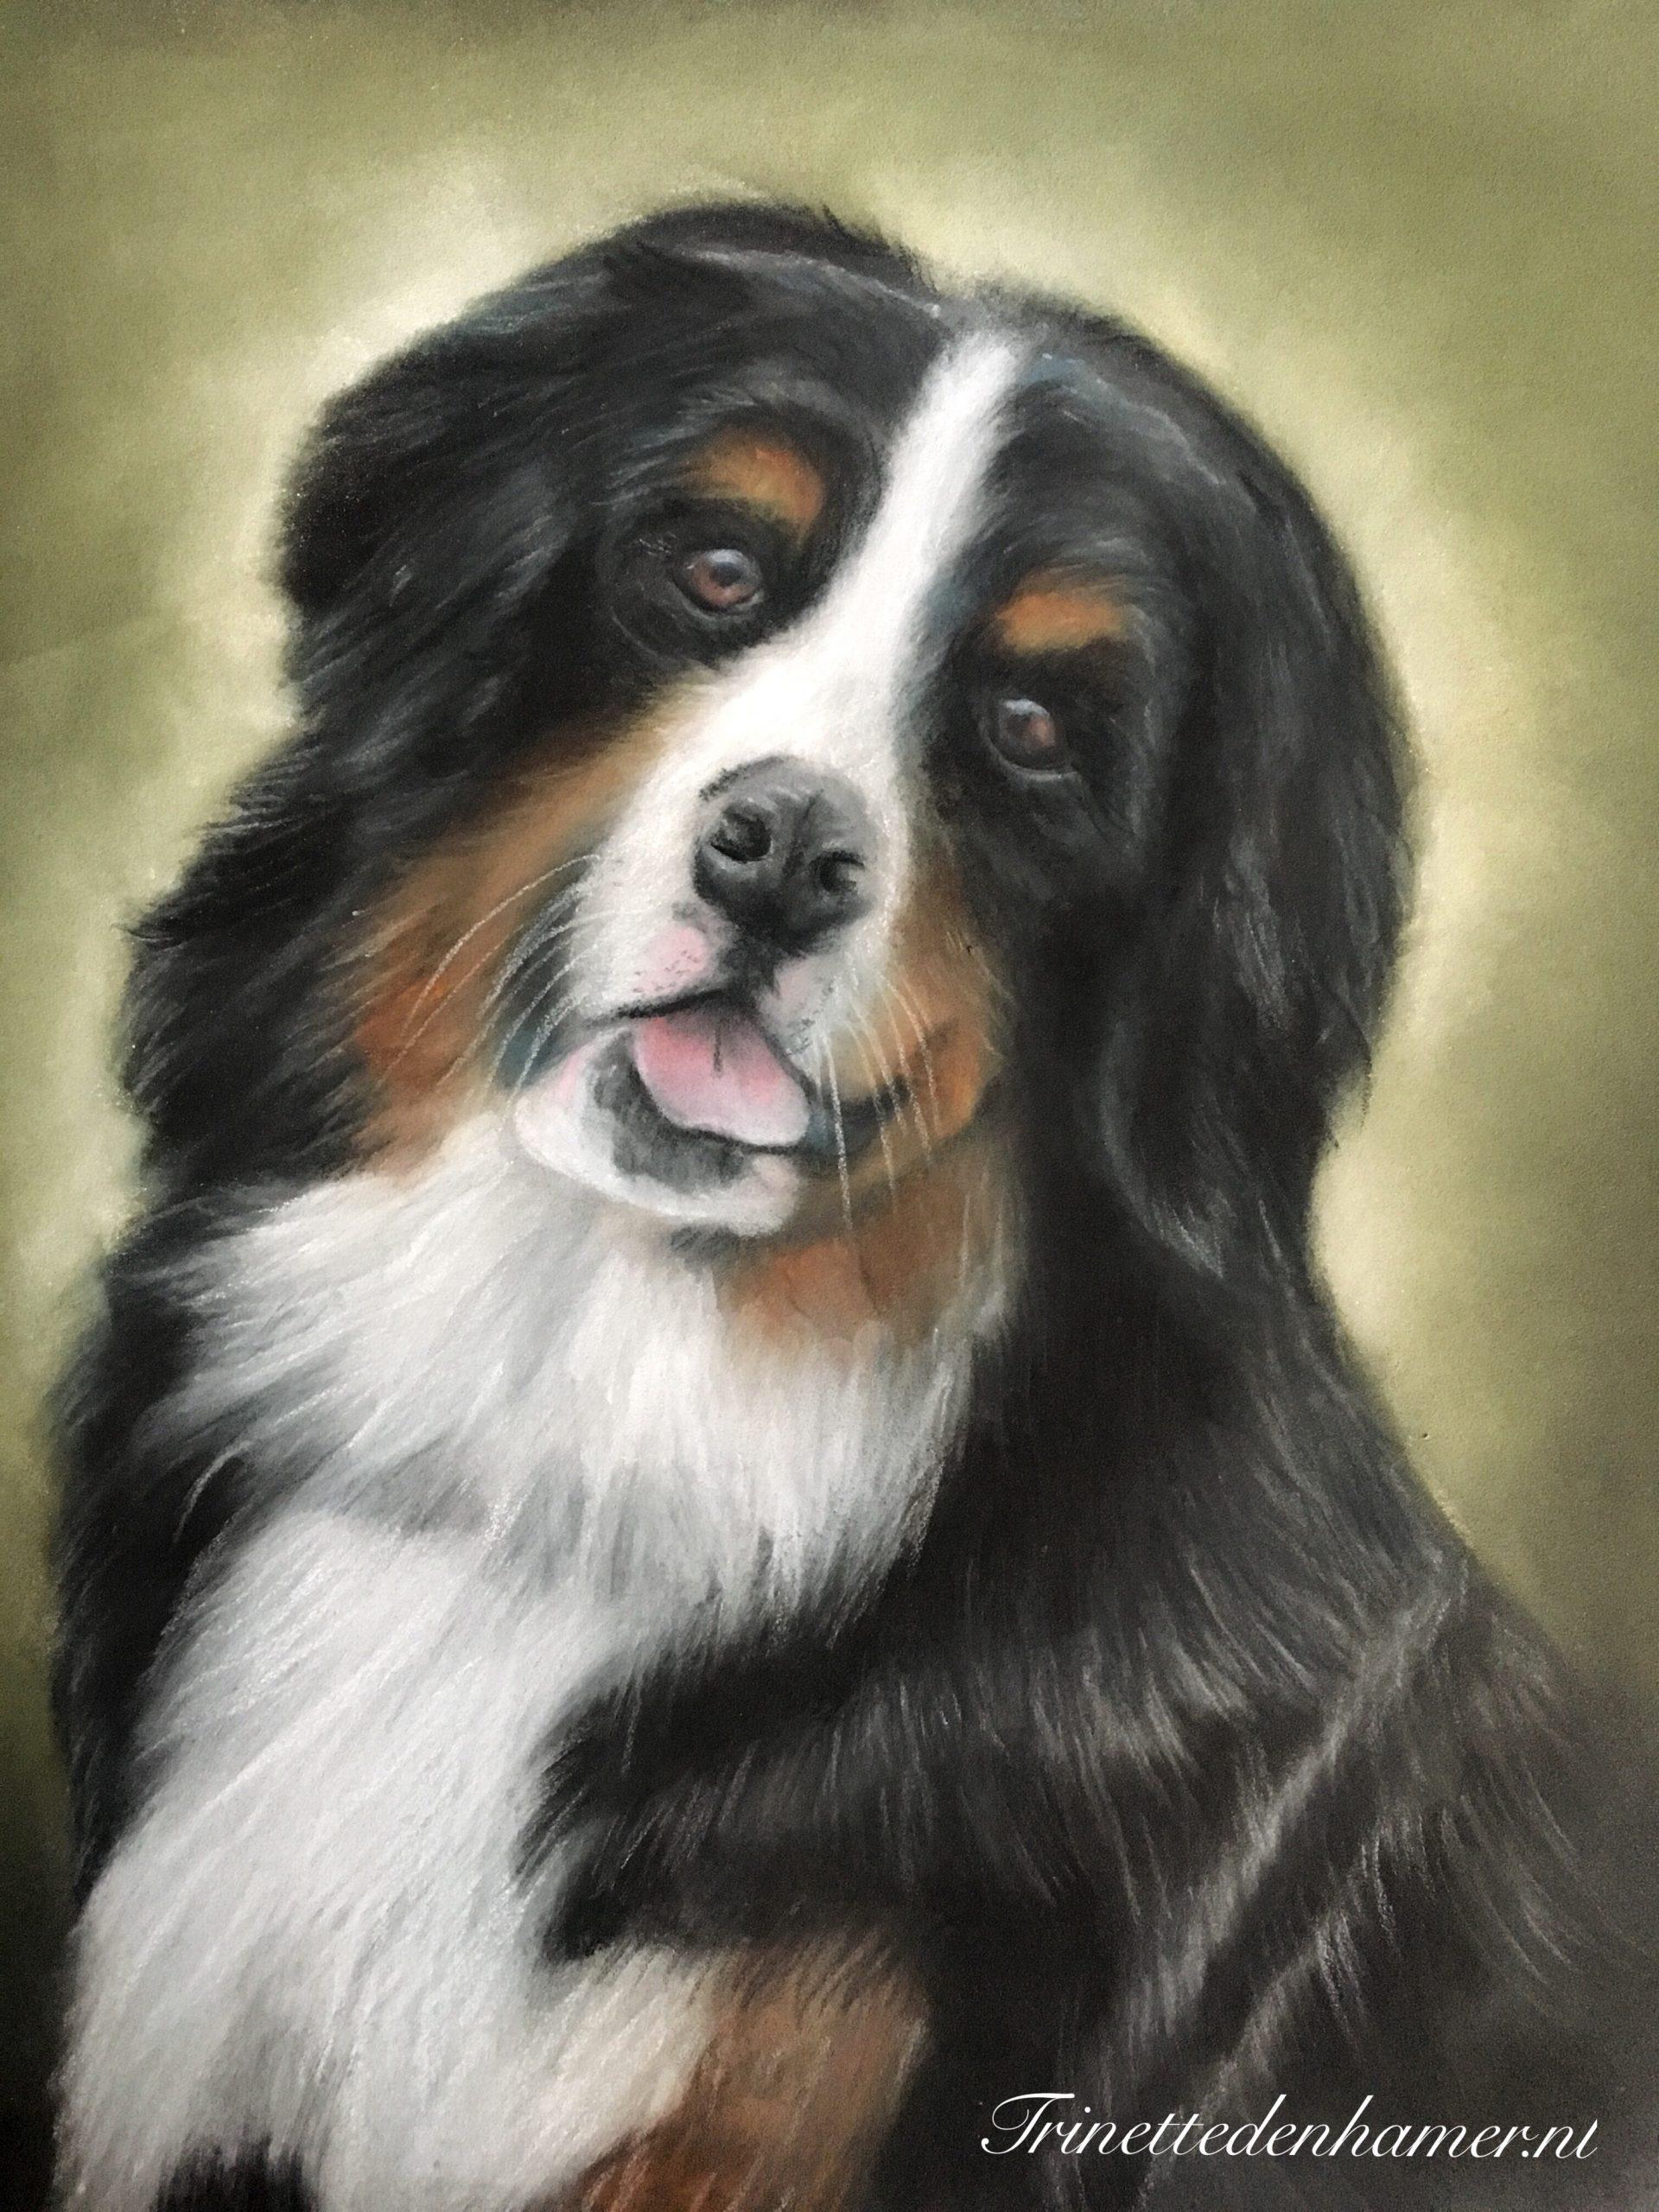 Portret van een Berner Sennen hond